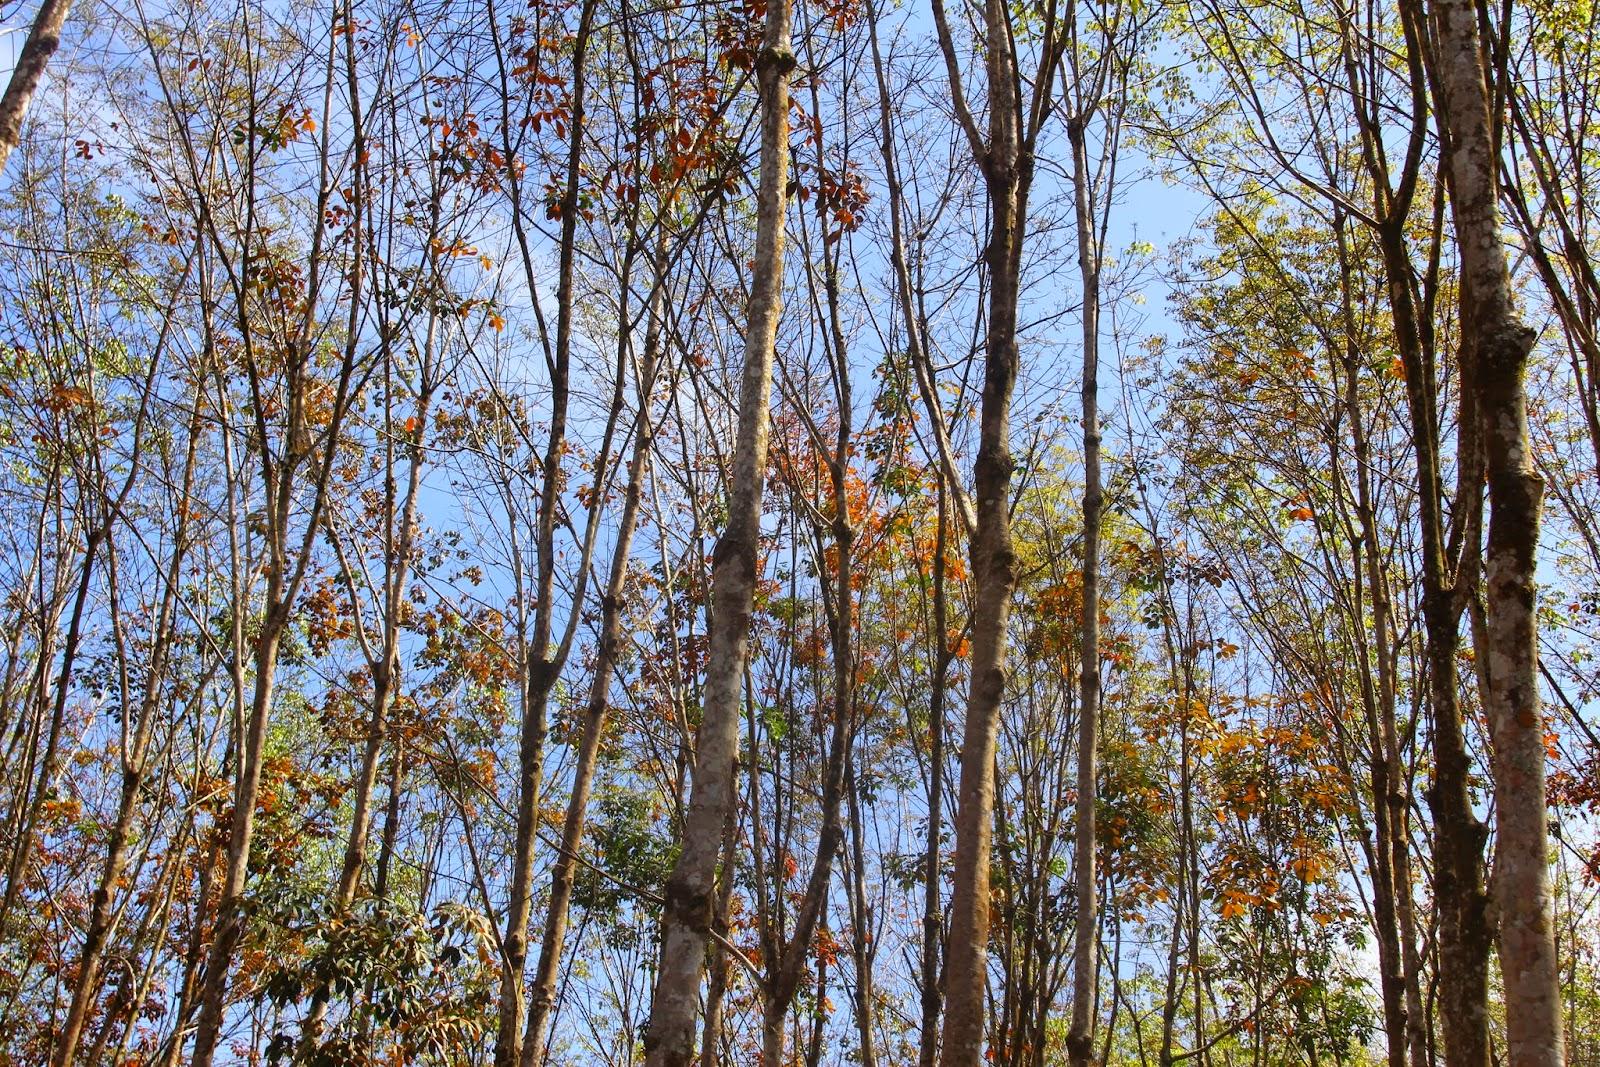 Pokok getah yang mula menggugurkan daun